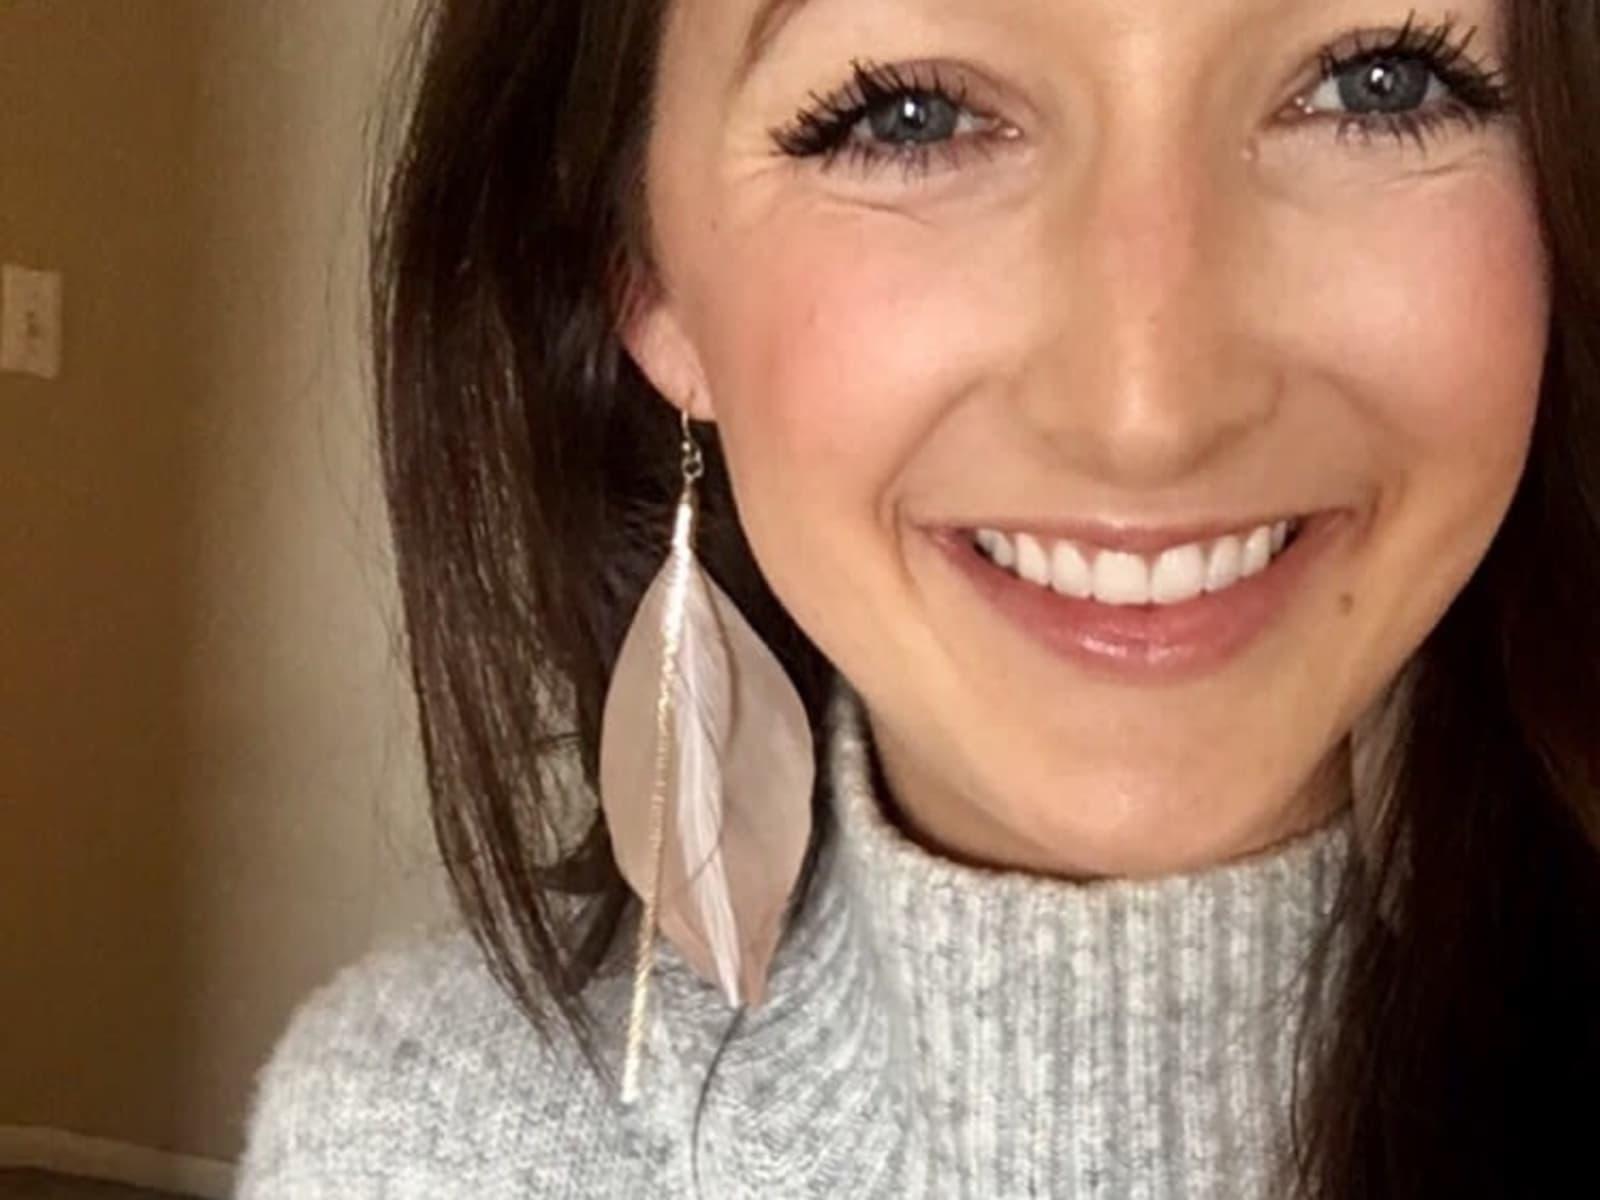 Alyssa from Melbourne, Victoria, Australia